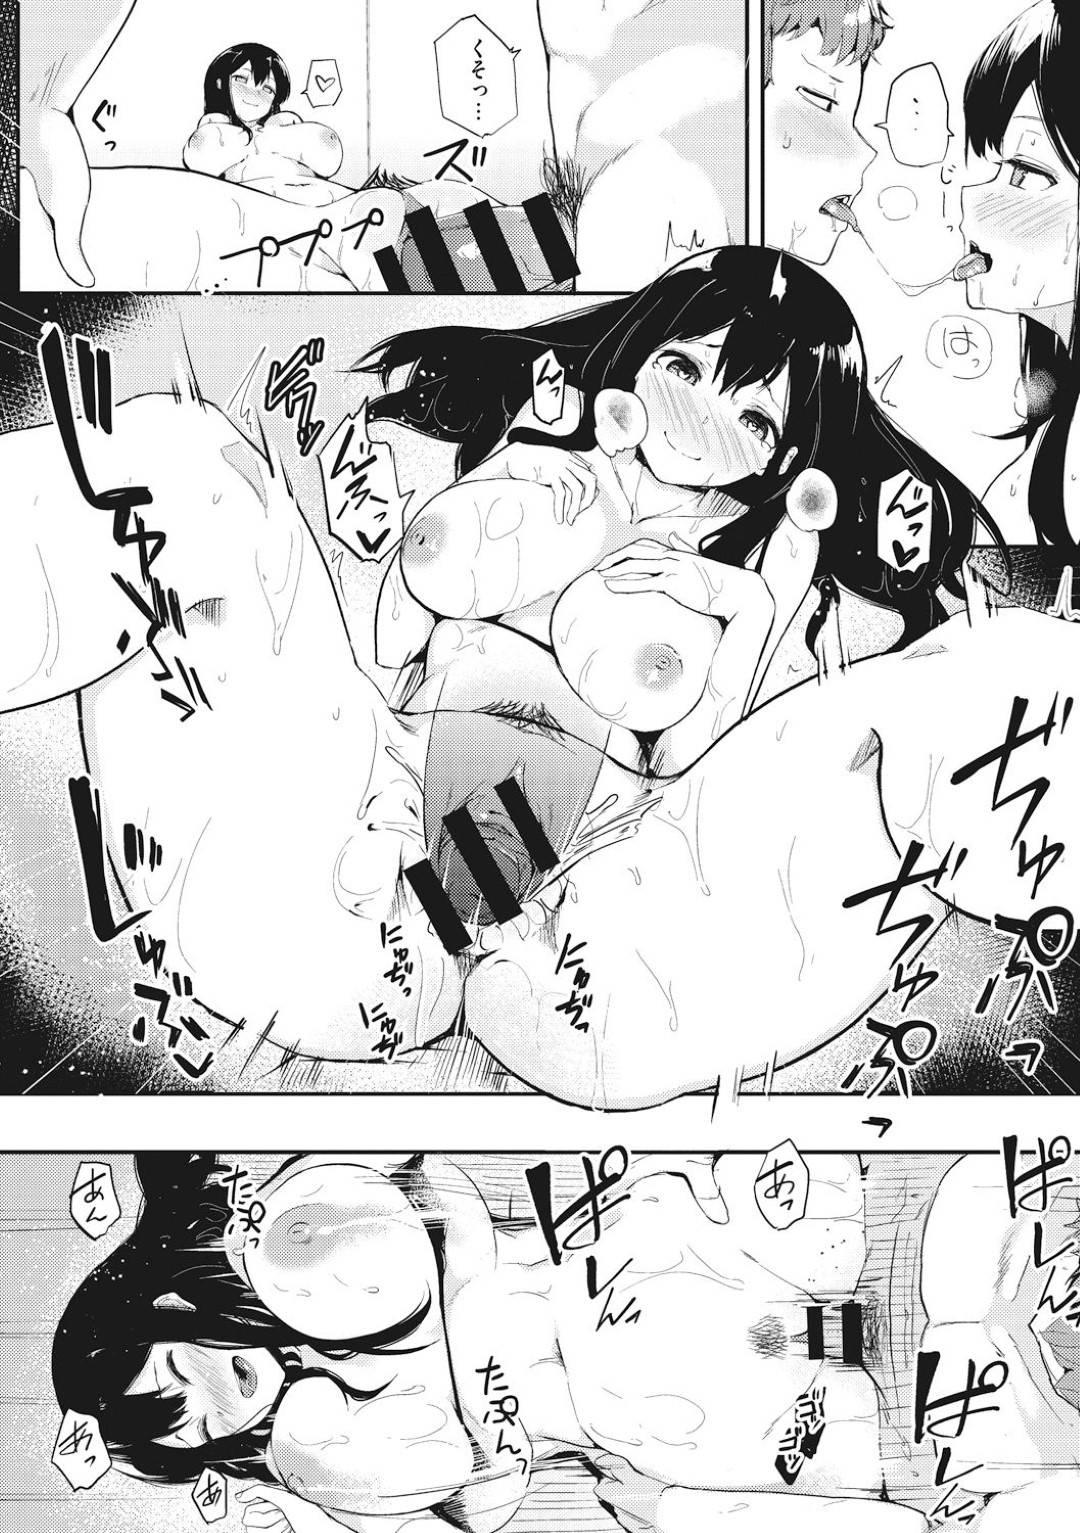 【エロ漫画】主人公の父親と結婚して同級生の主人公の義姉となったムチムチJK…彼に欲情した彼女は風呂に乱入してセックスしてしまう!【えいとまん:くらしす】